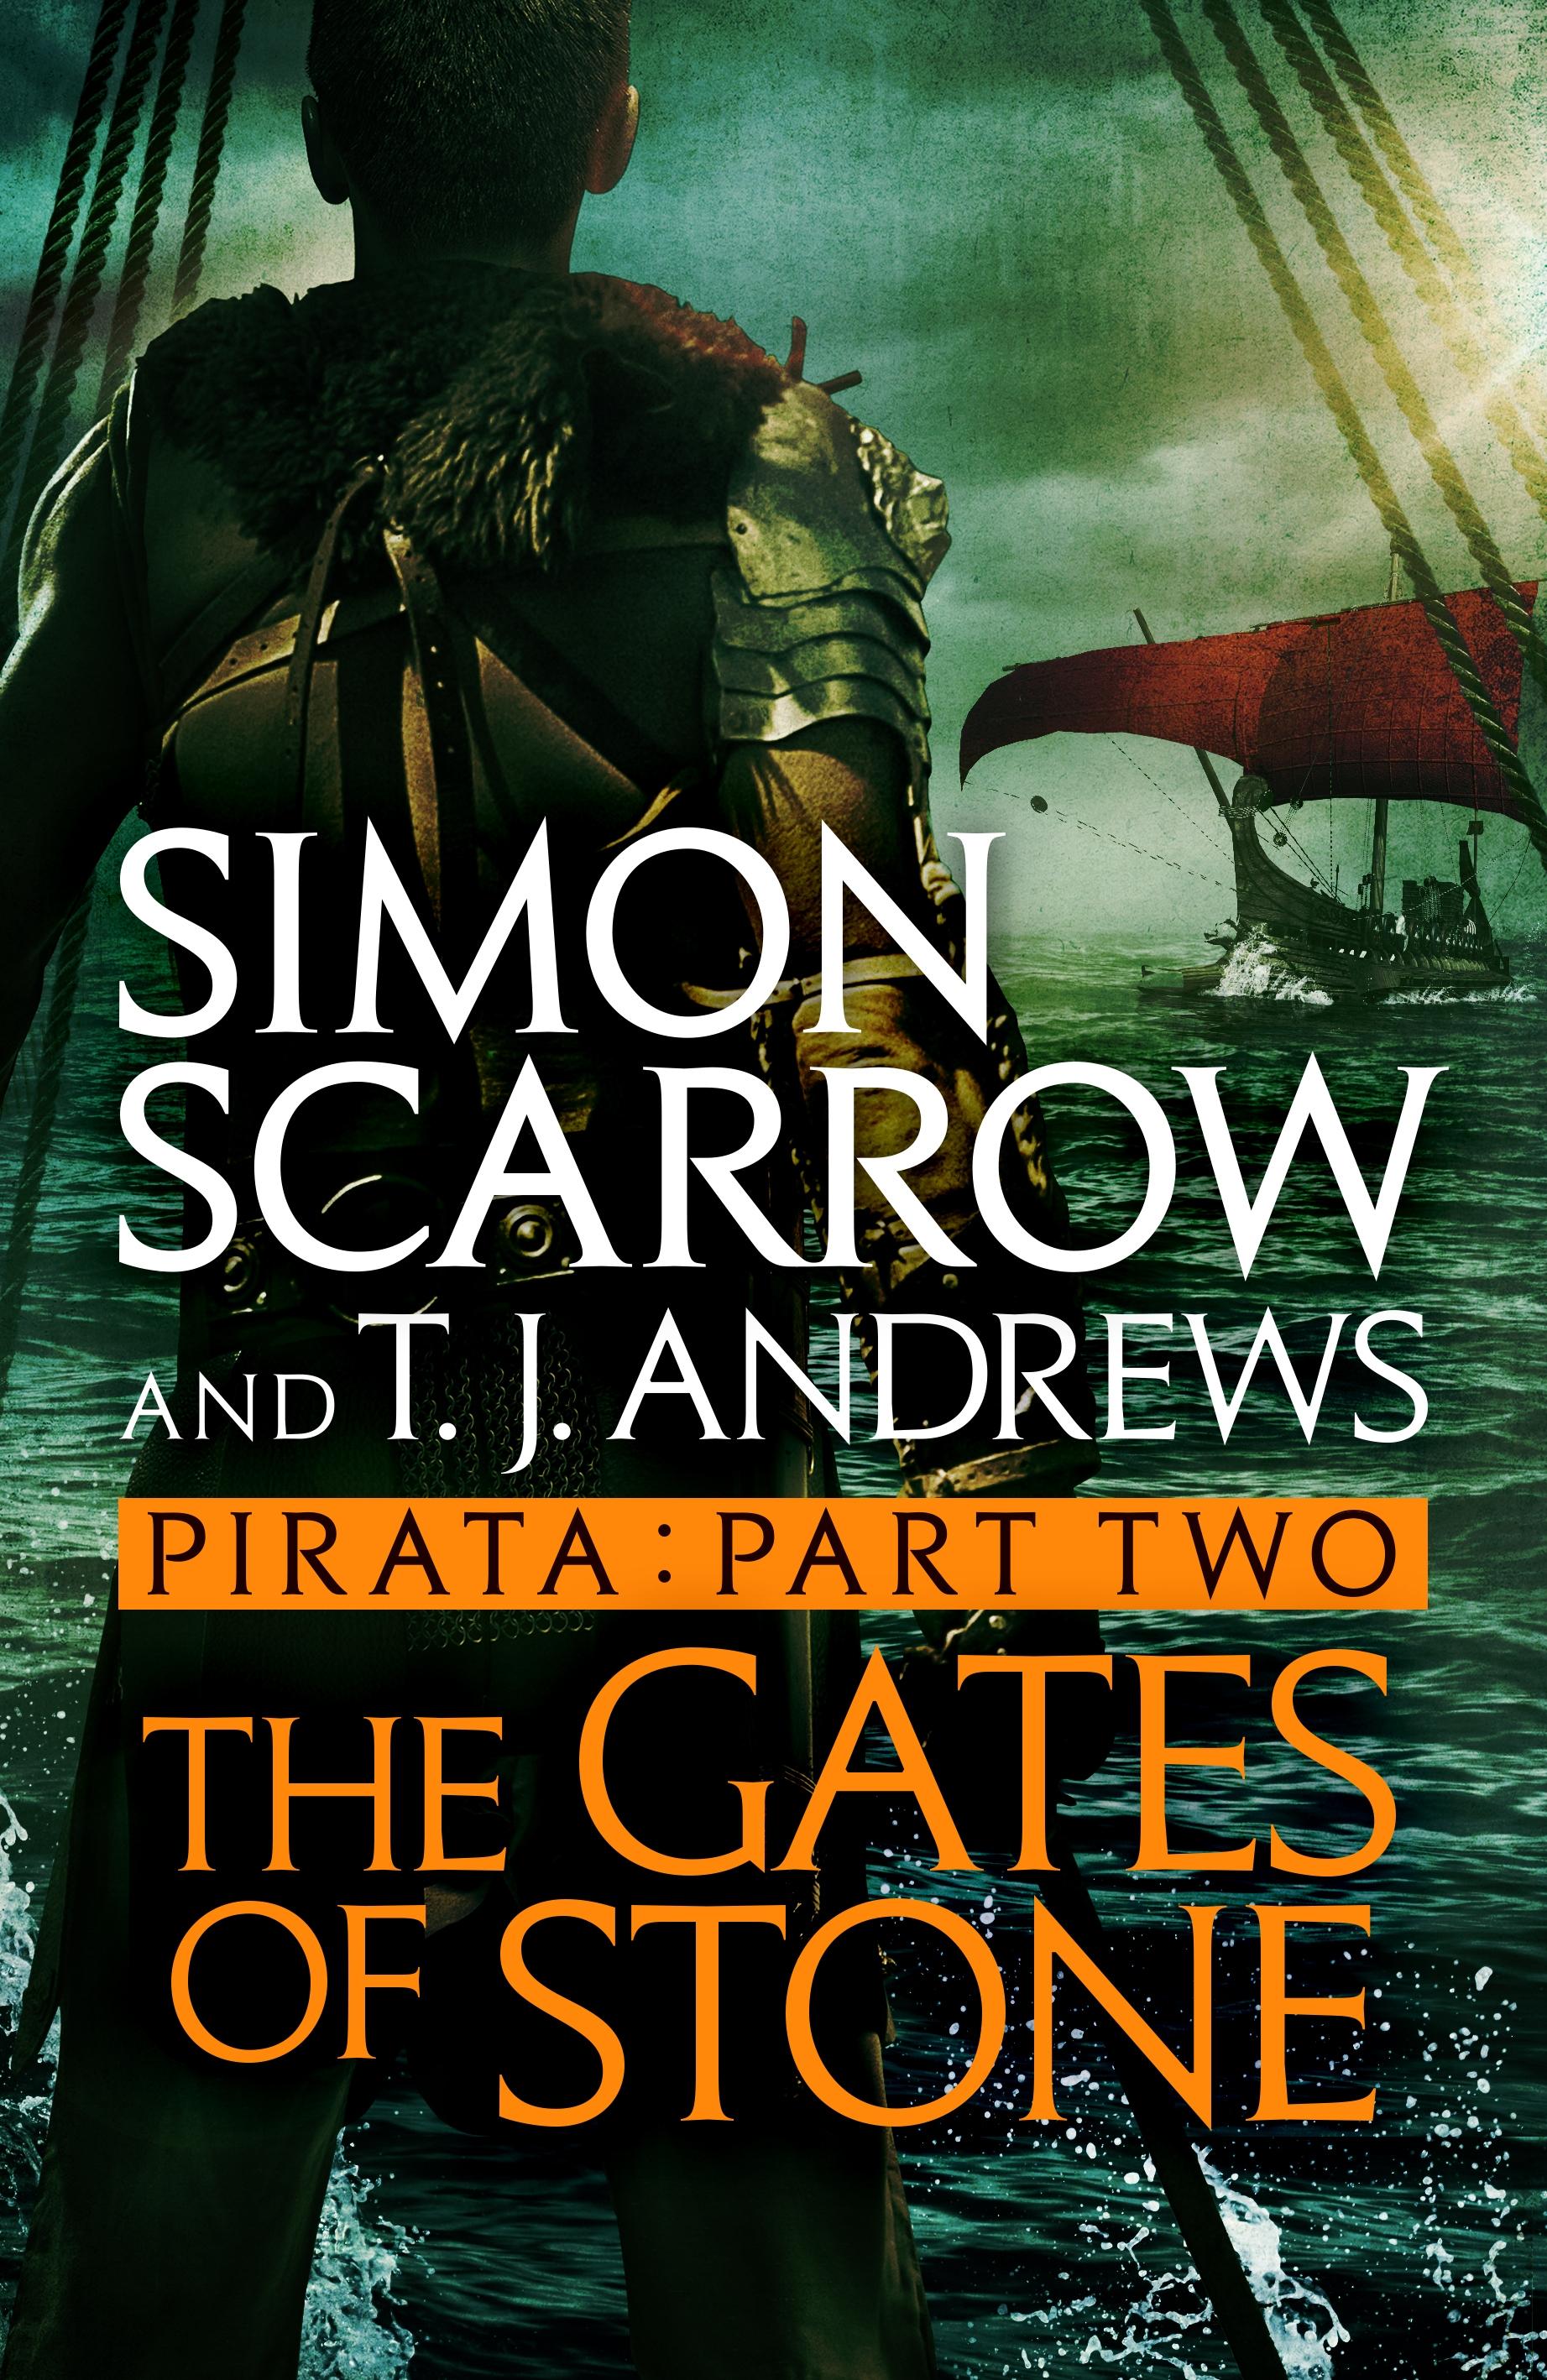 Pirata: The Gates of Stone